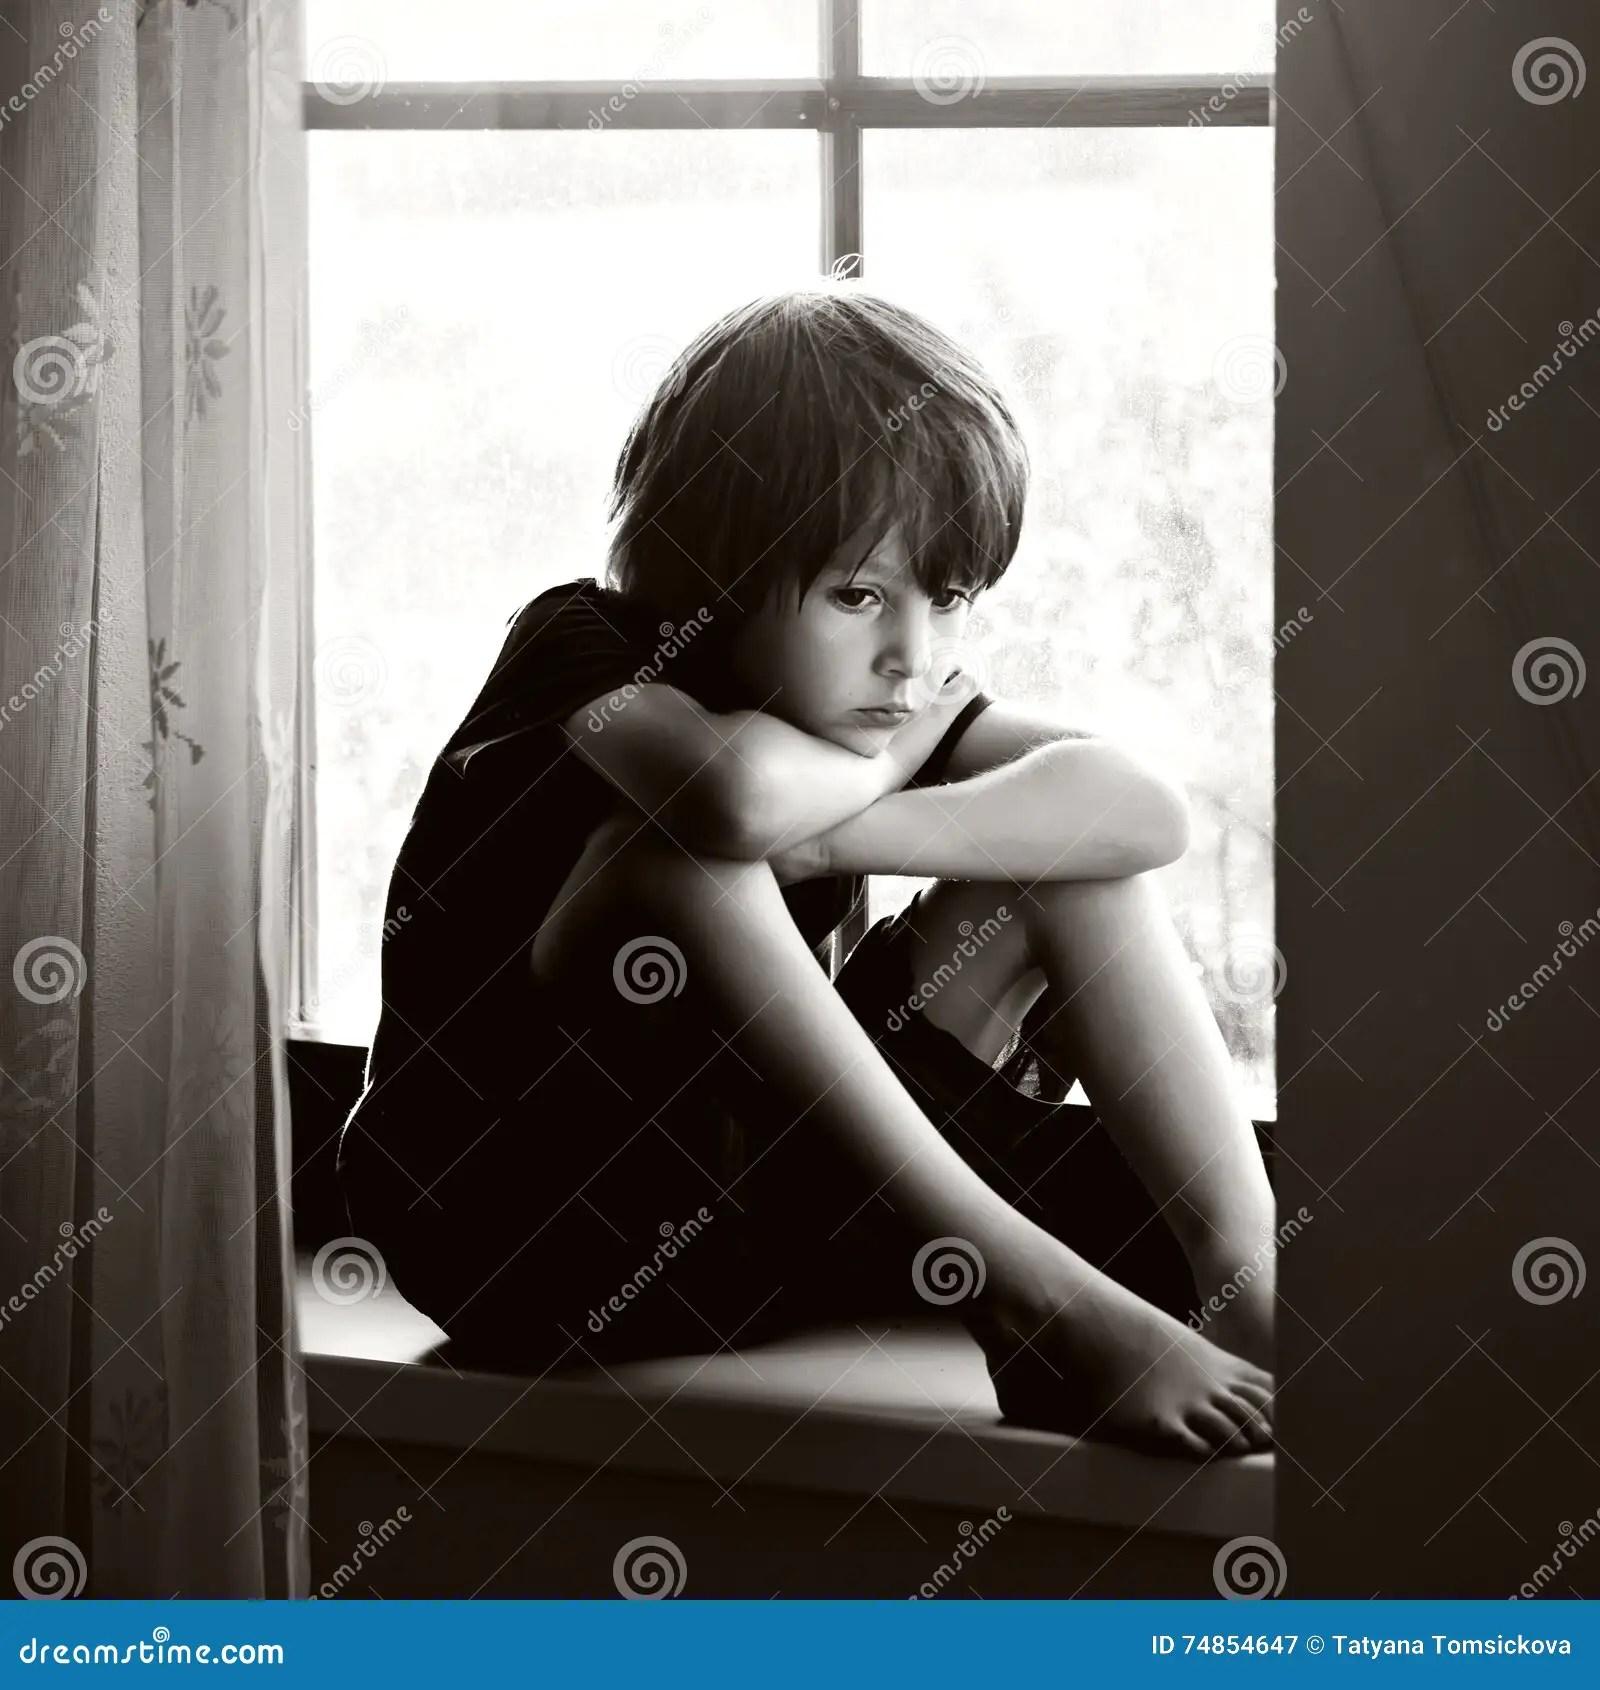 sad boy sitting window